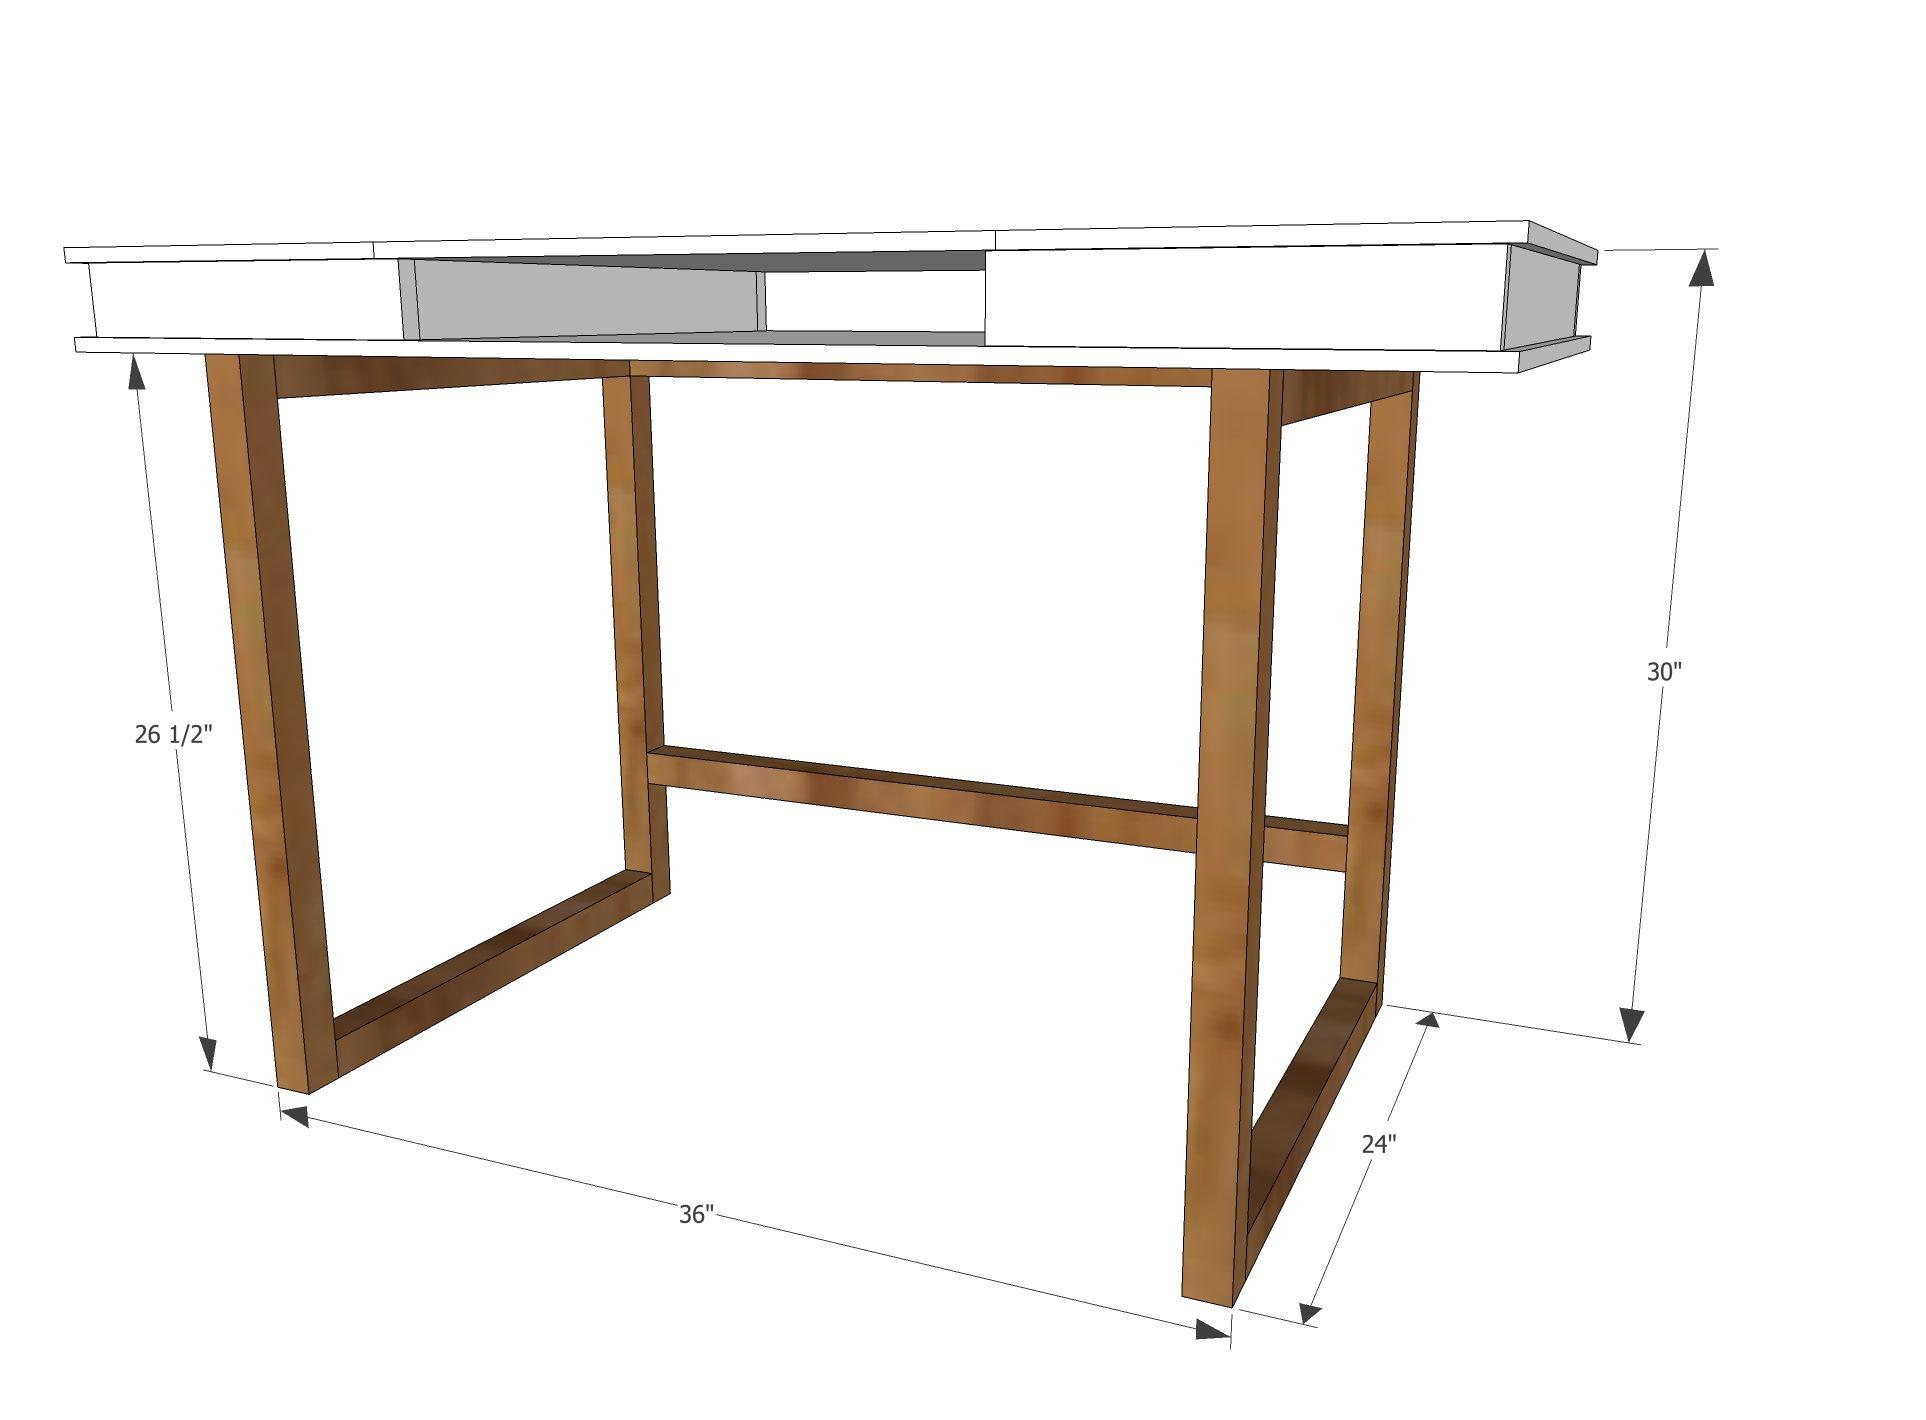 Modern 2x2 Desk Base For Build Your Own Study Desk Plans Diy